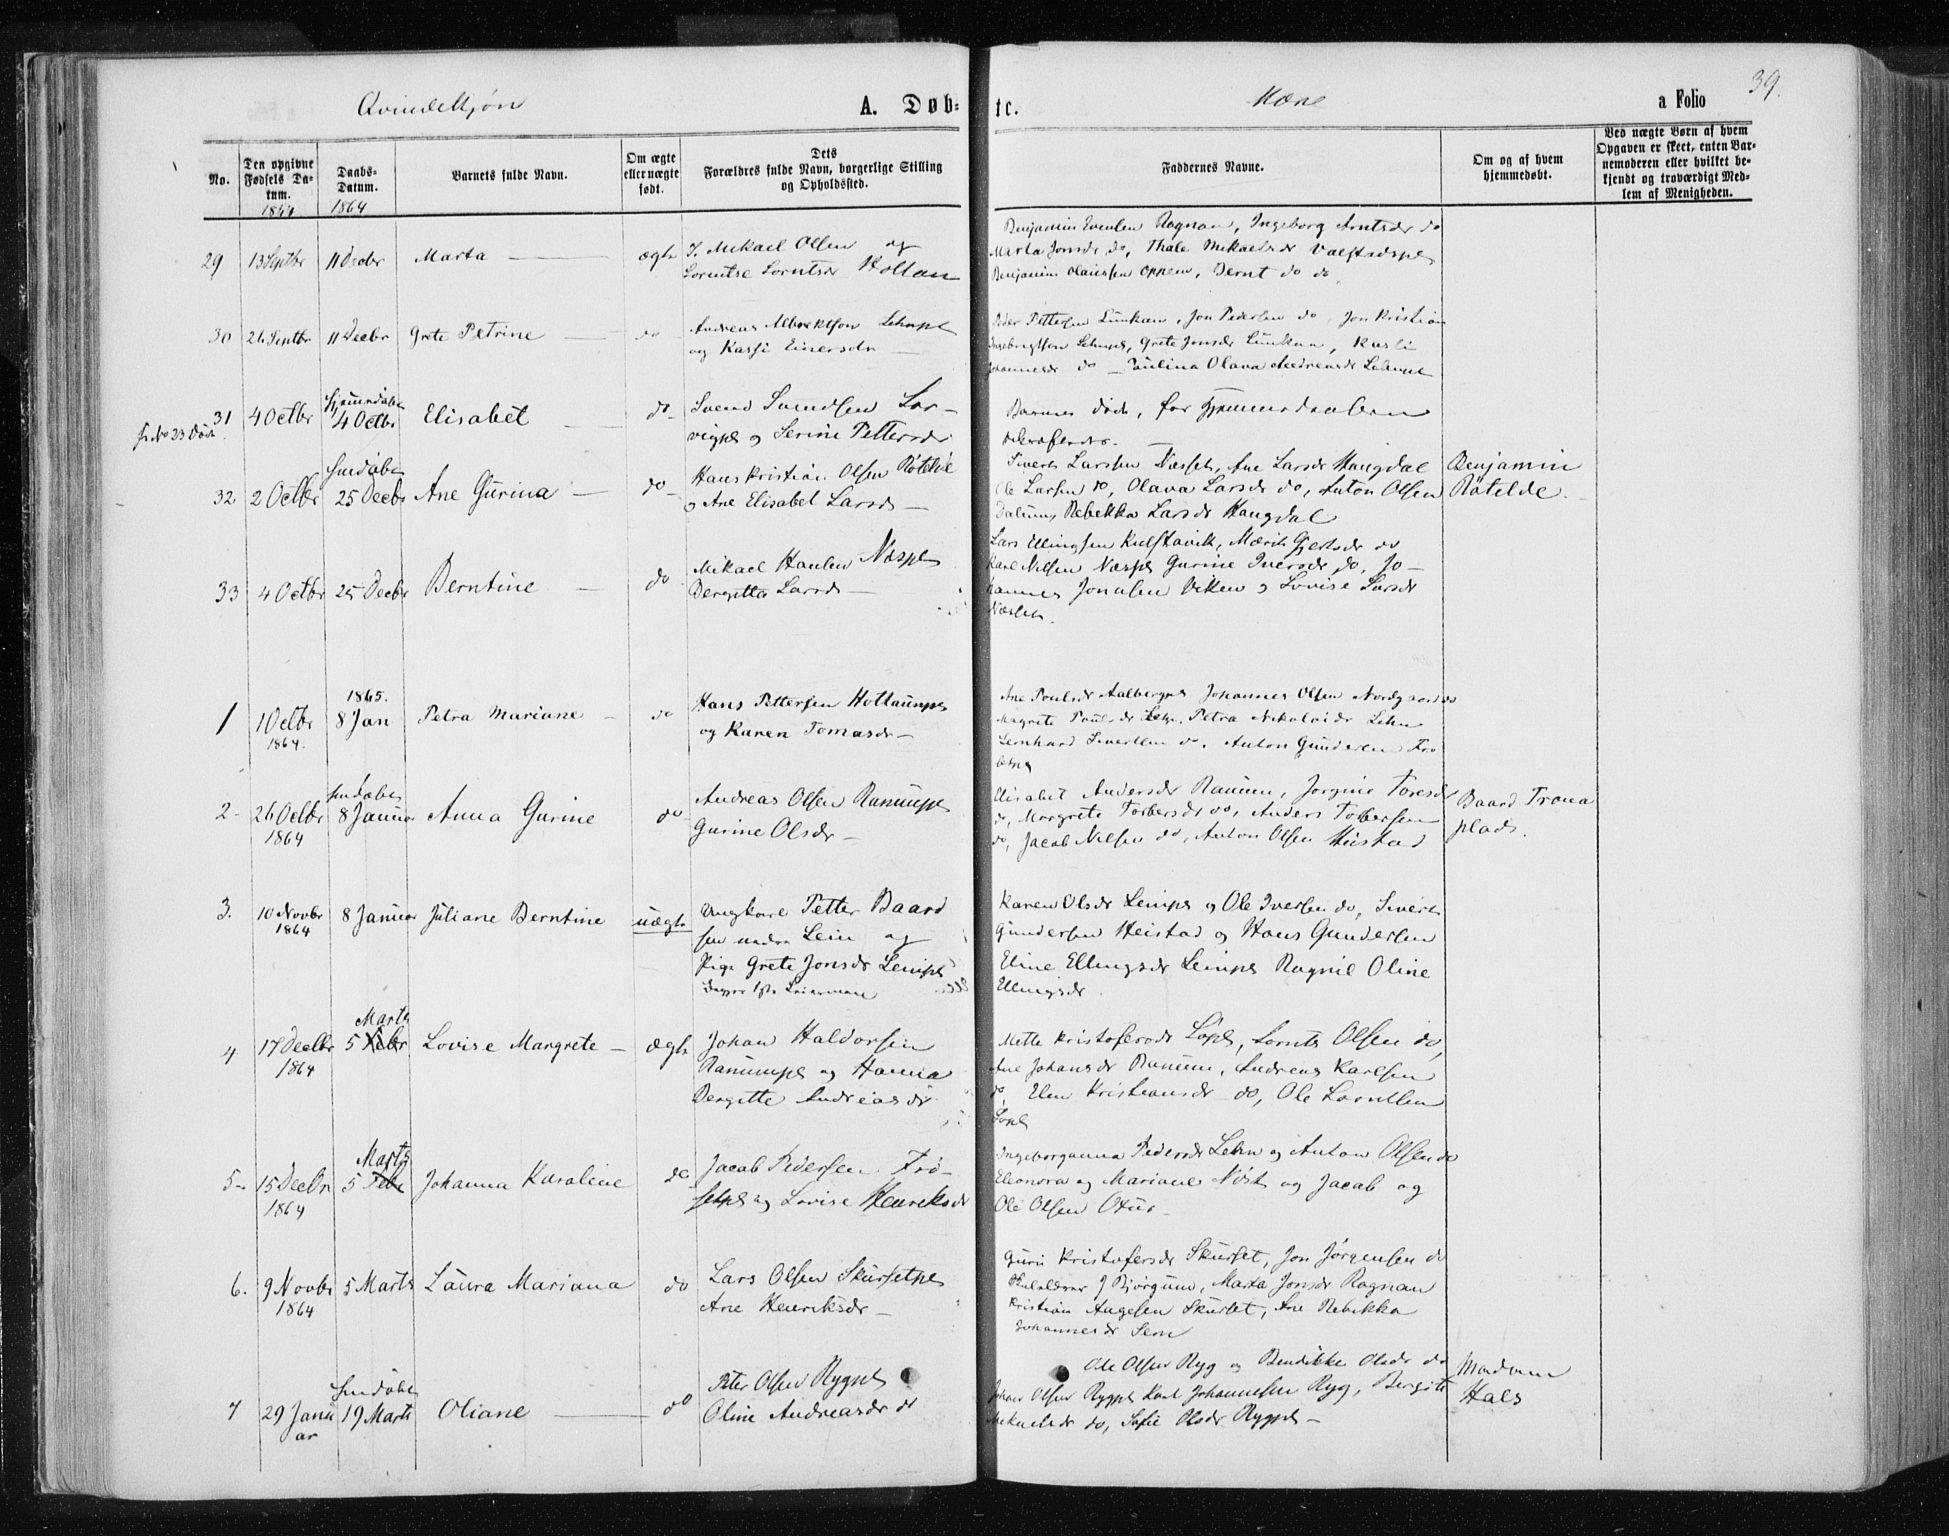 SAT, Ministerialprotokoller, klokkerbøker og fødselsregistre - Nord-Trøndelag, 735/L0345: Ministerialbok nr. 735A08 /1, 1863-1872, s. 39